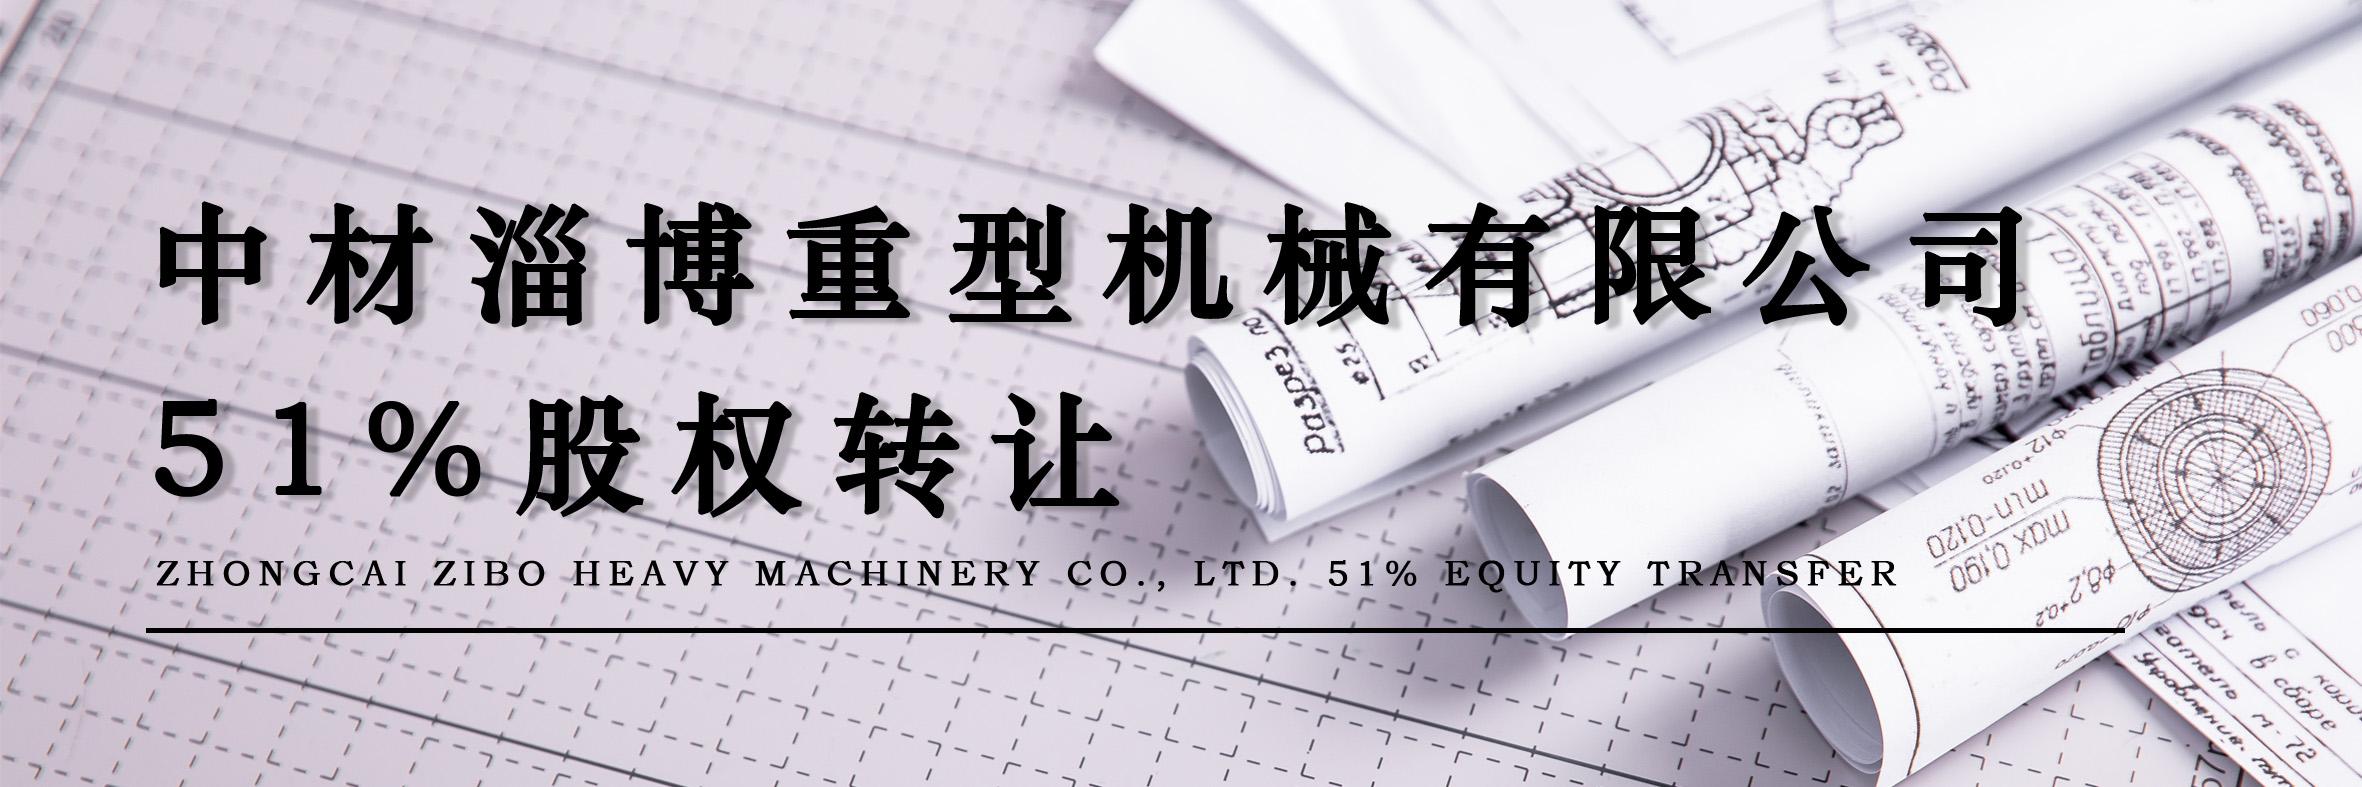 中材淄博重型机械有限公司51%股权转让